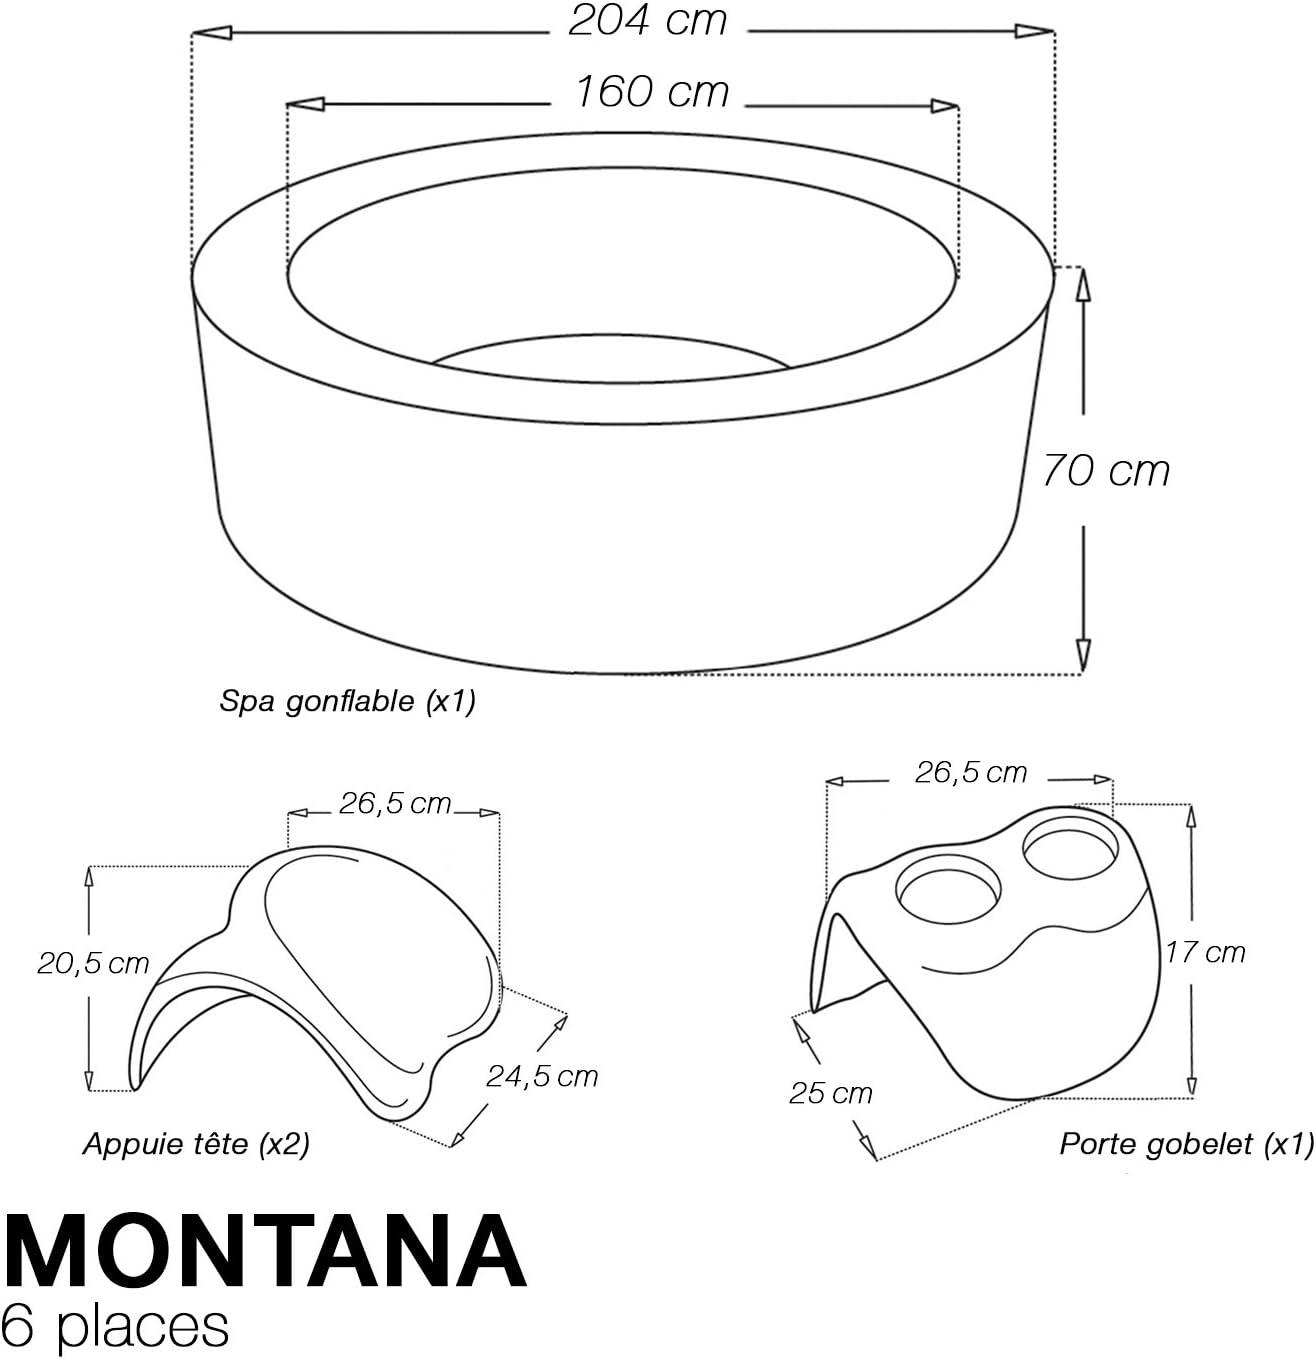 /6/plazas/ /negro 1/portavasos 2/reposacabezas Spa redondo hinchable Montana/